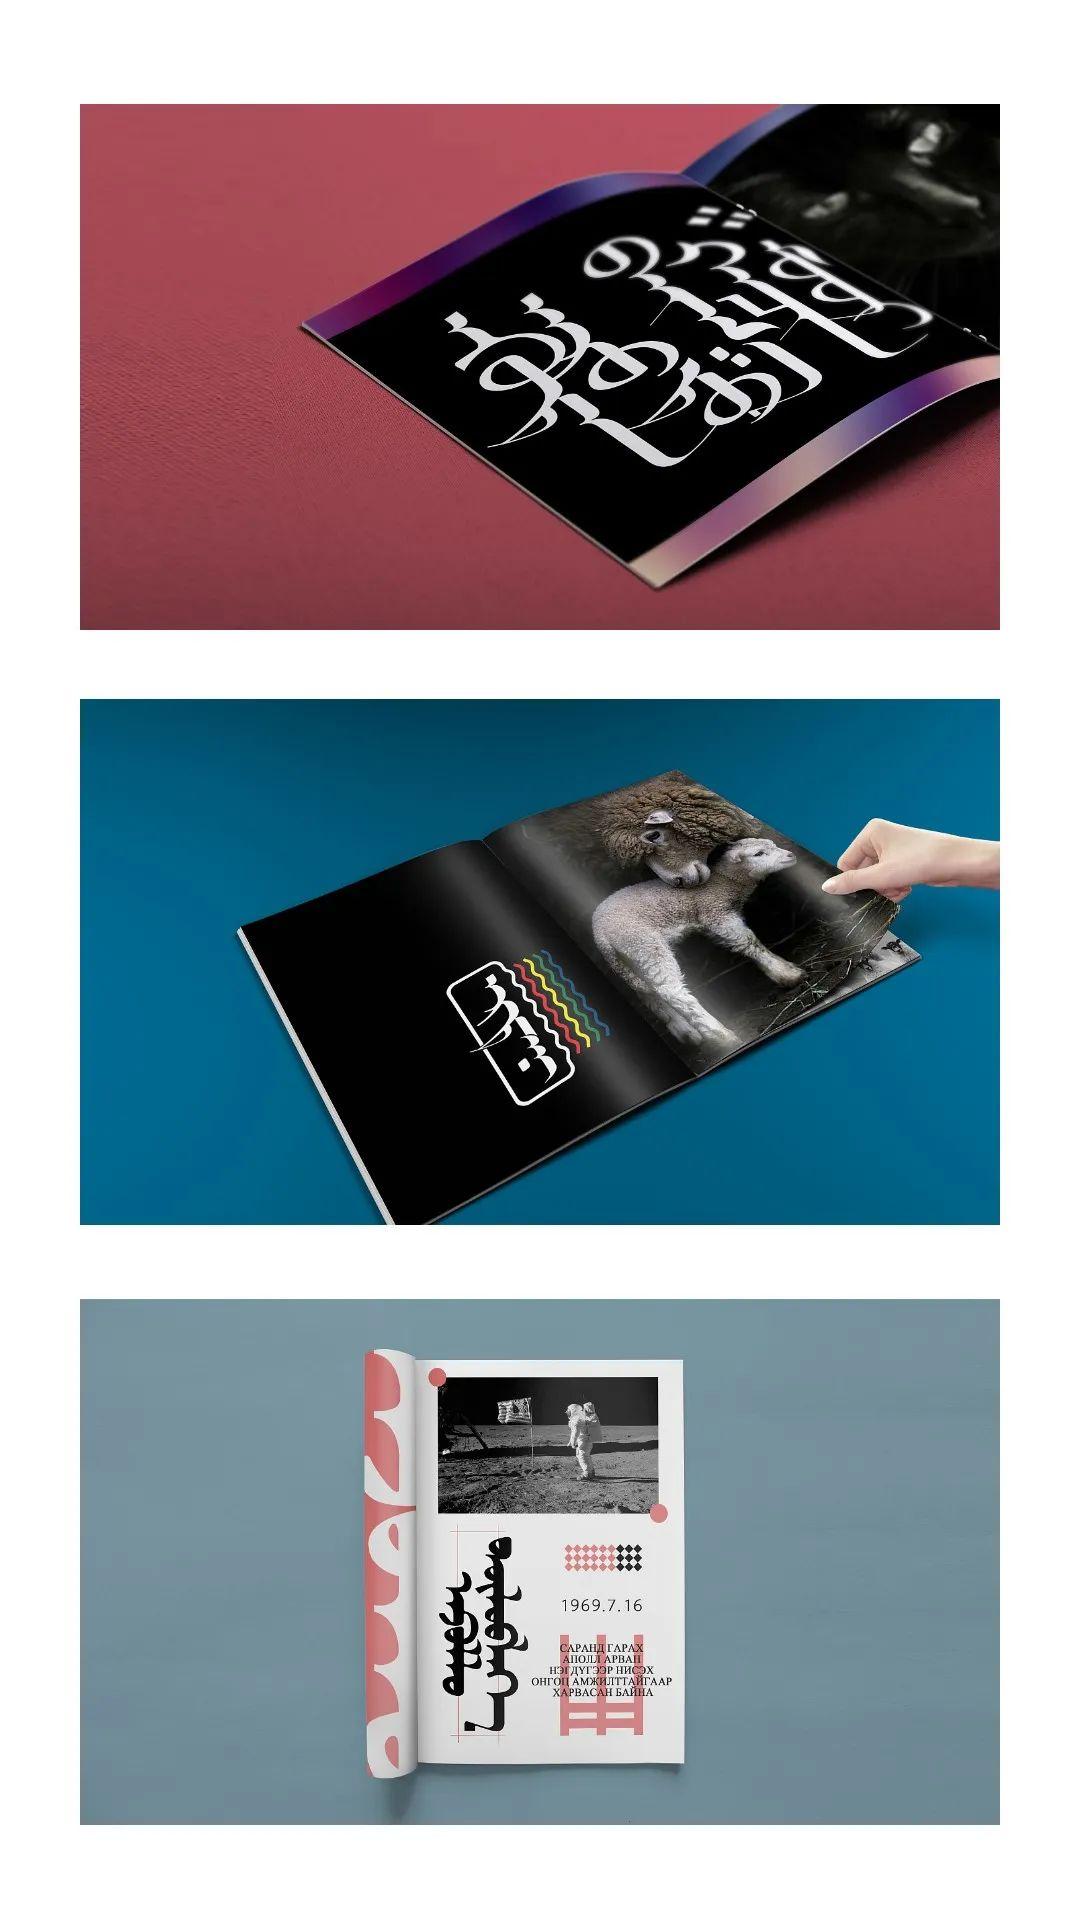 超赞的蒙元素设计-看完马上收藏 #Hotoch-Design#设计案例 第14张